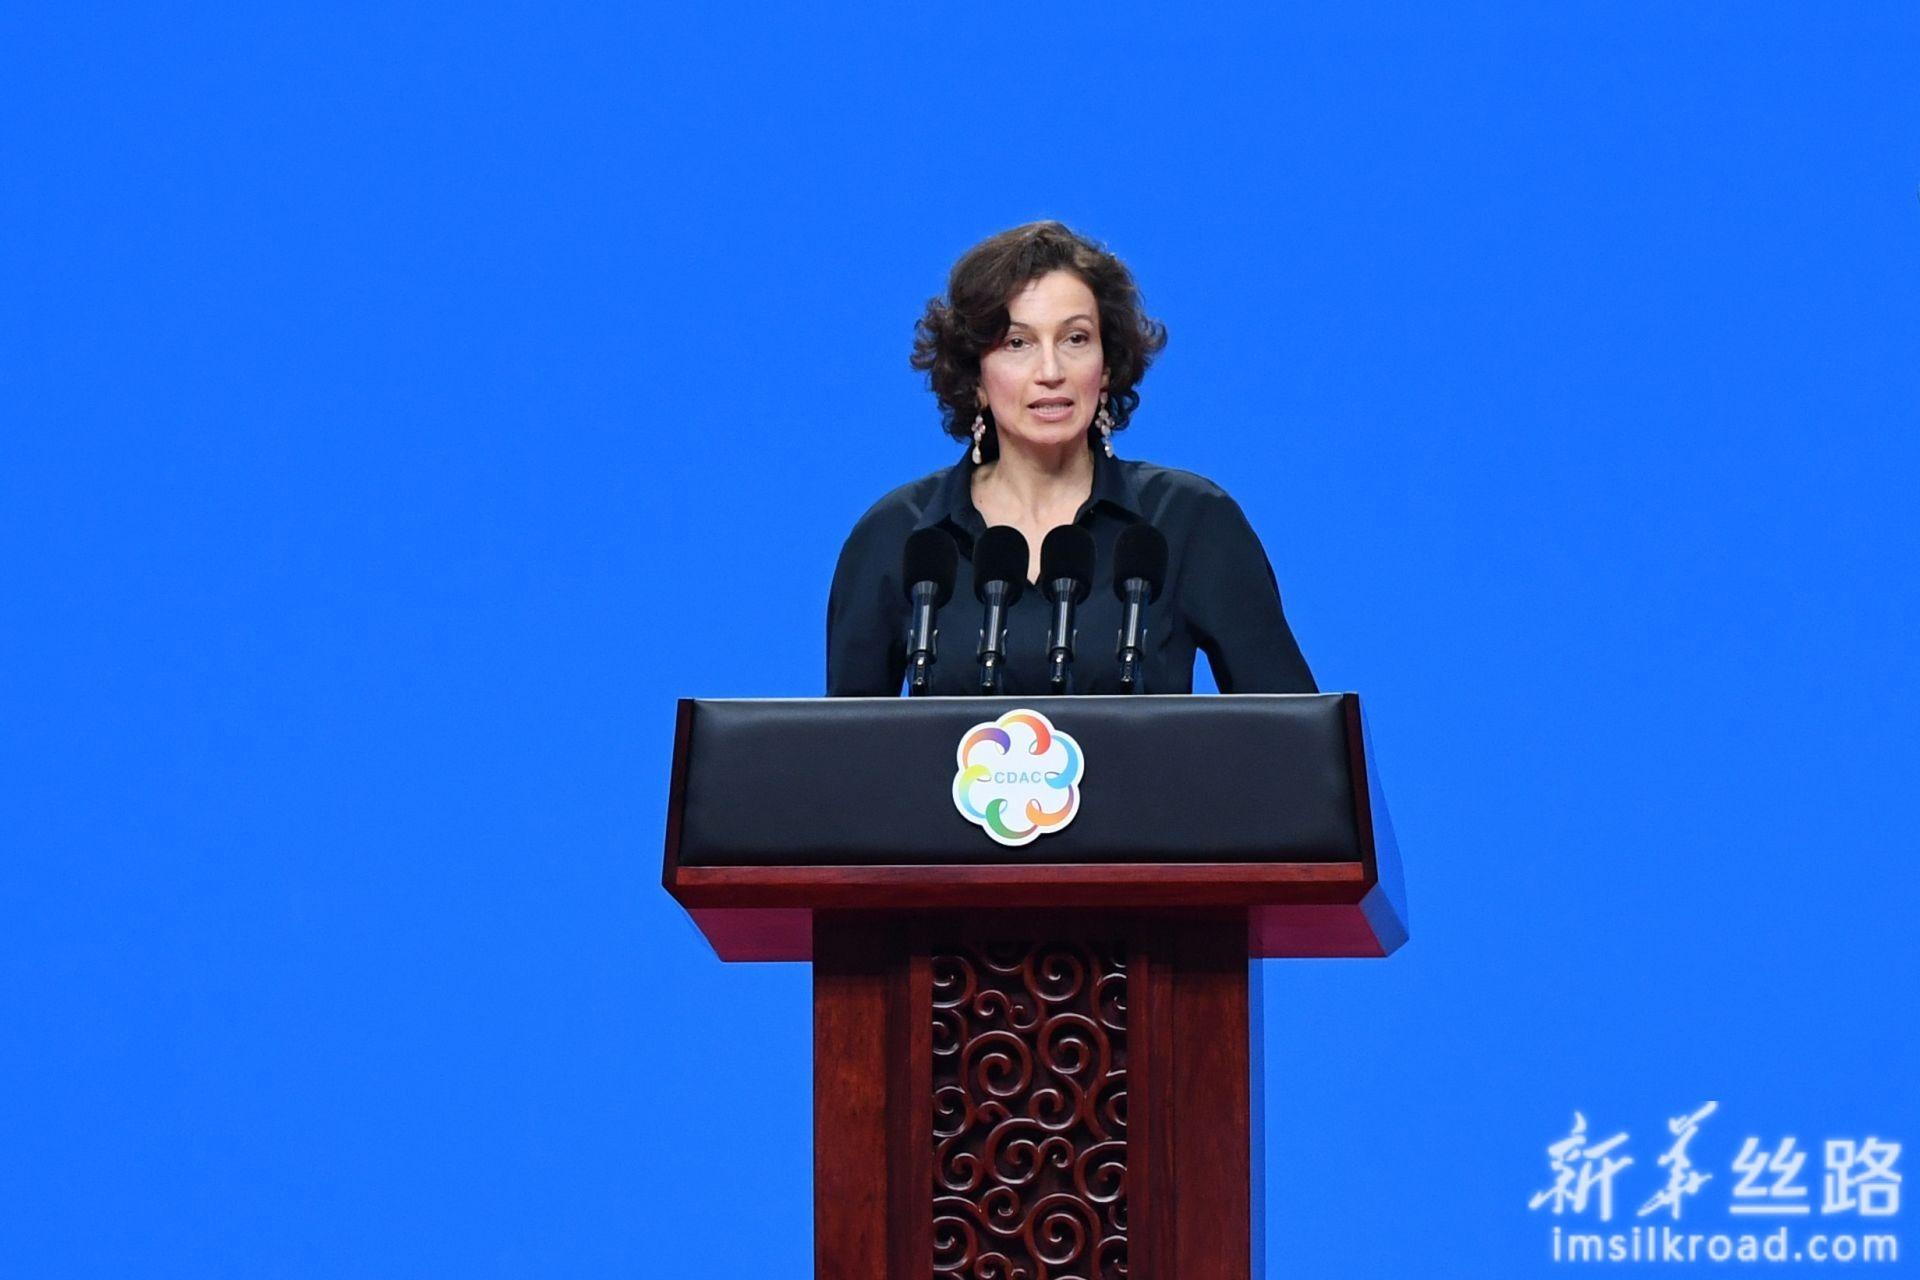 亚洲文明对话大会在北京开幕